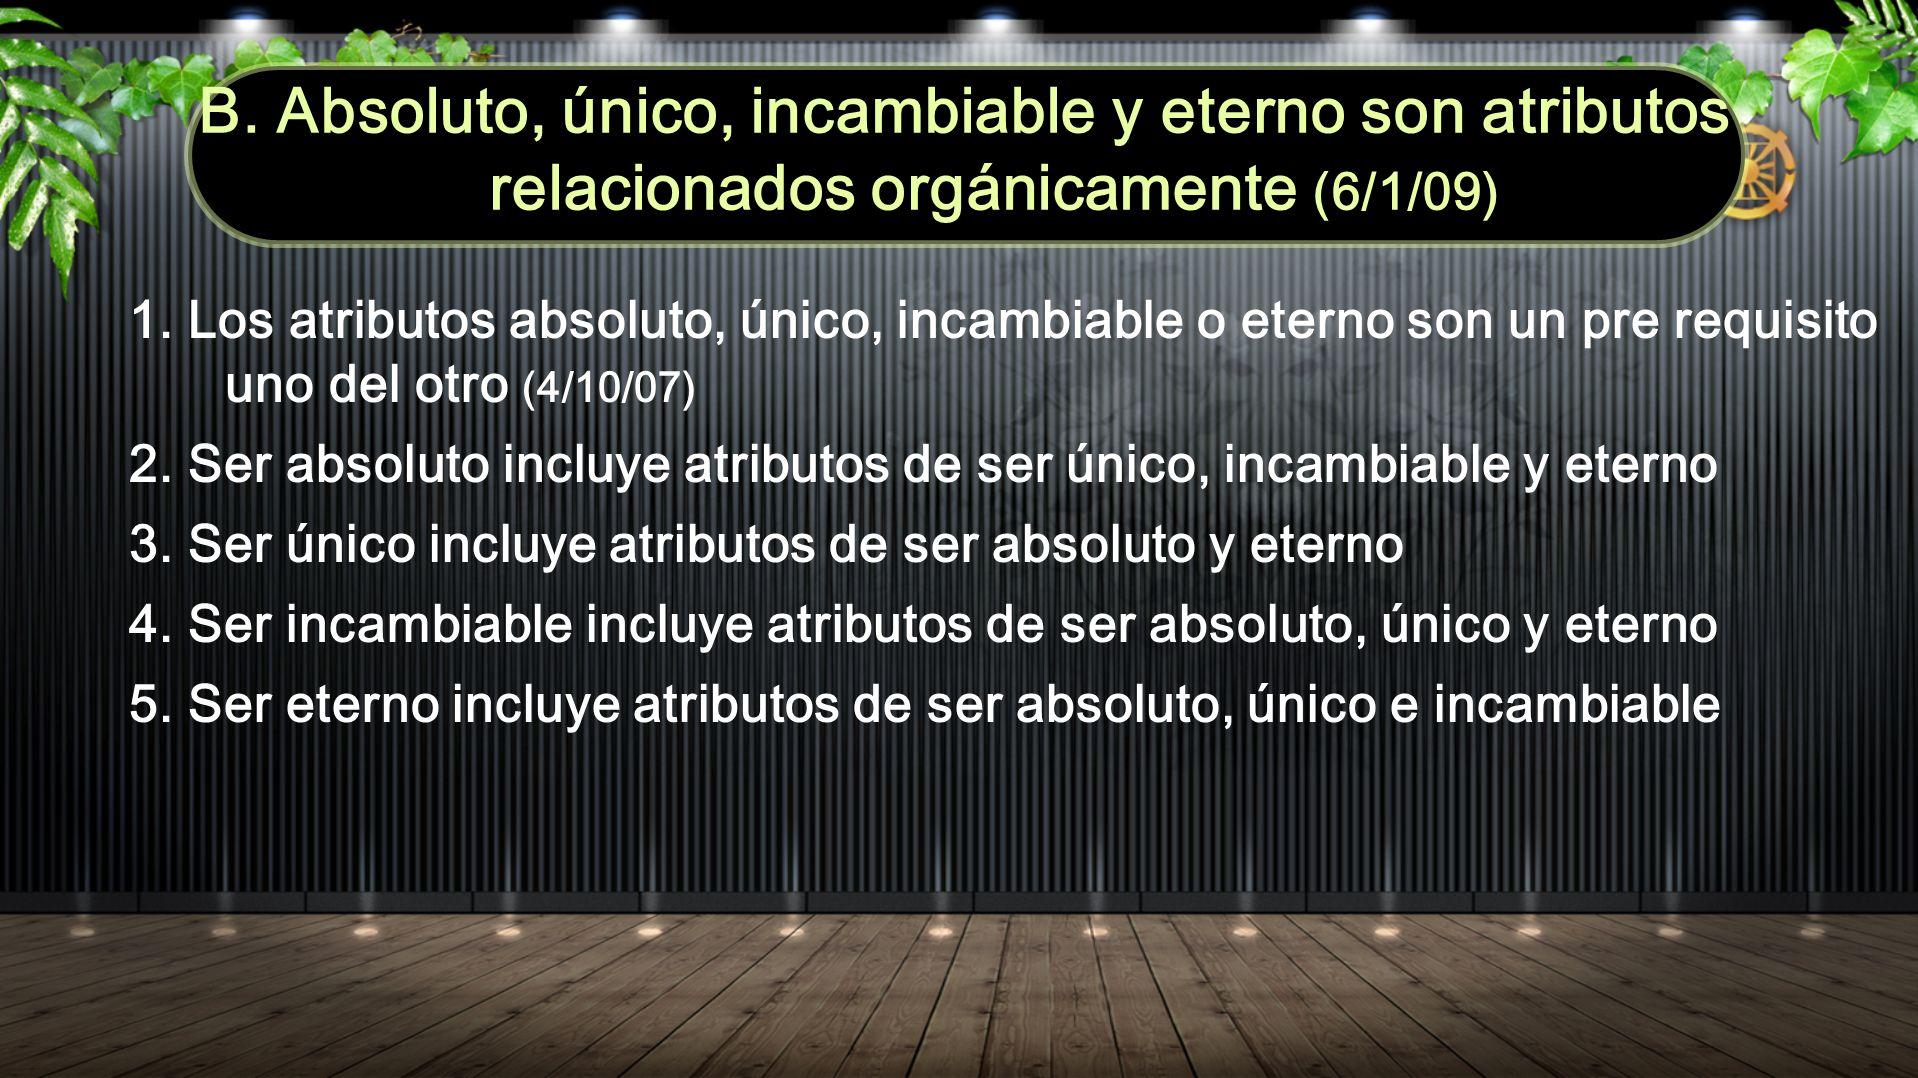 B. Absoluto, único, incambiable y eterno son atributos relacionados orgánicamente (6/1/09)